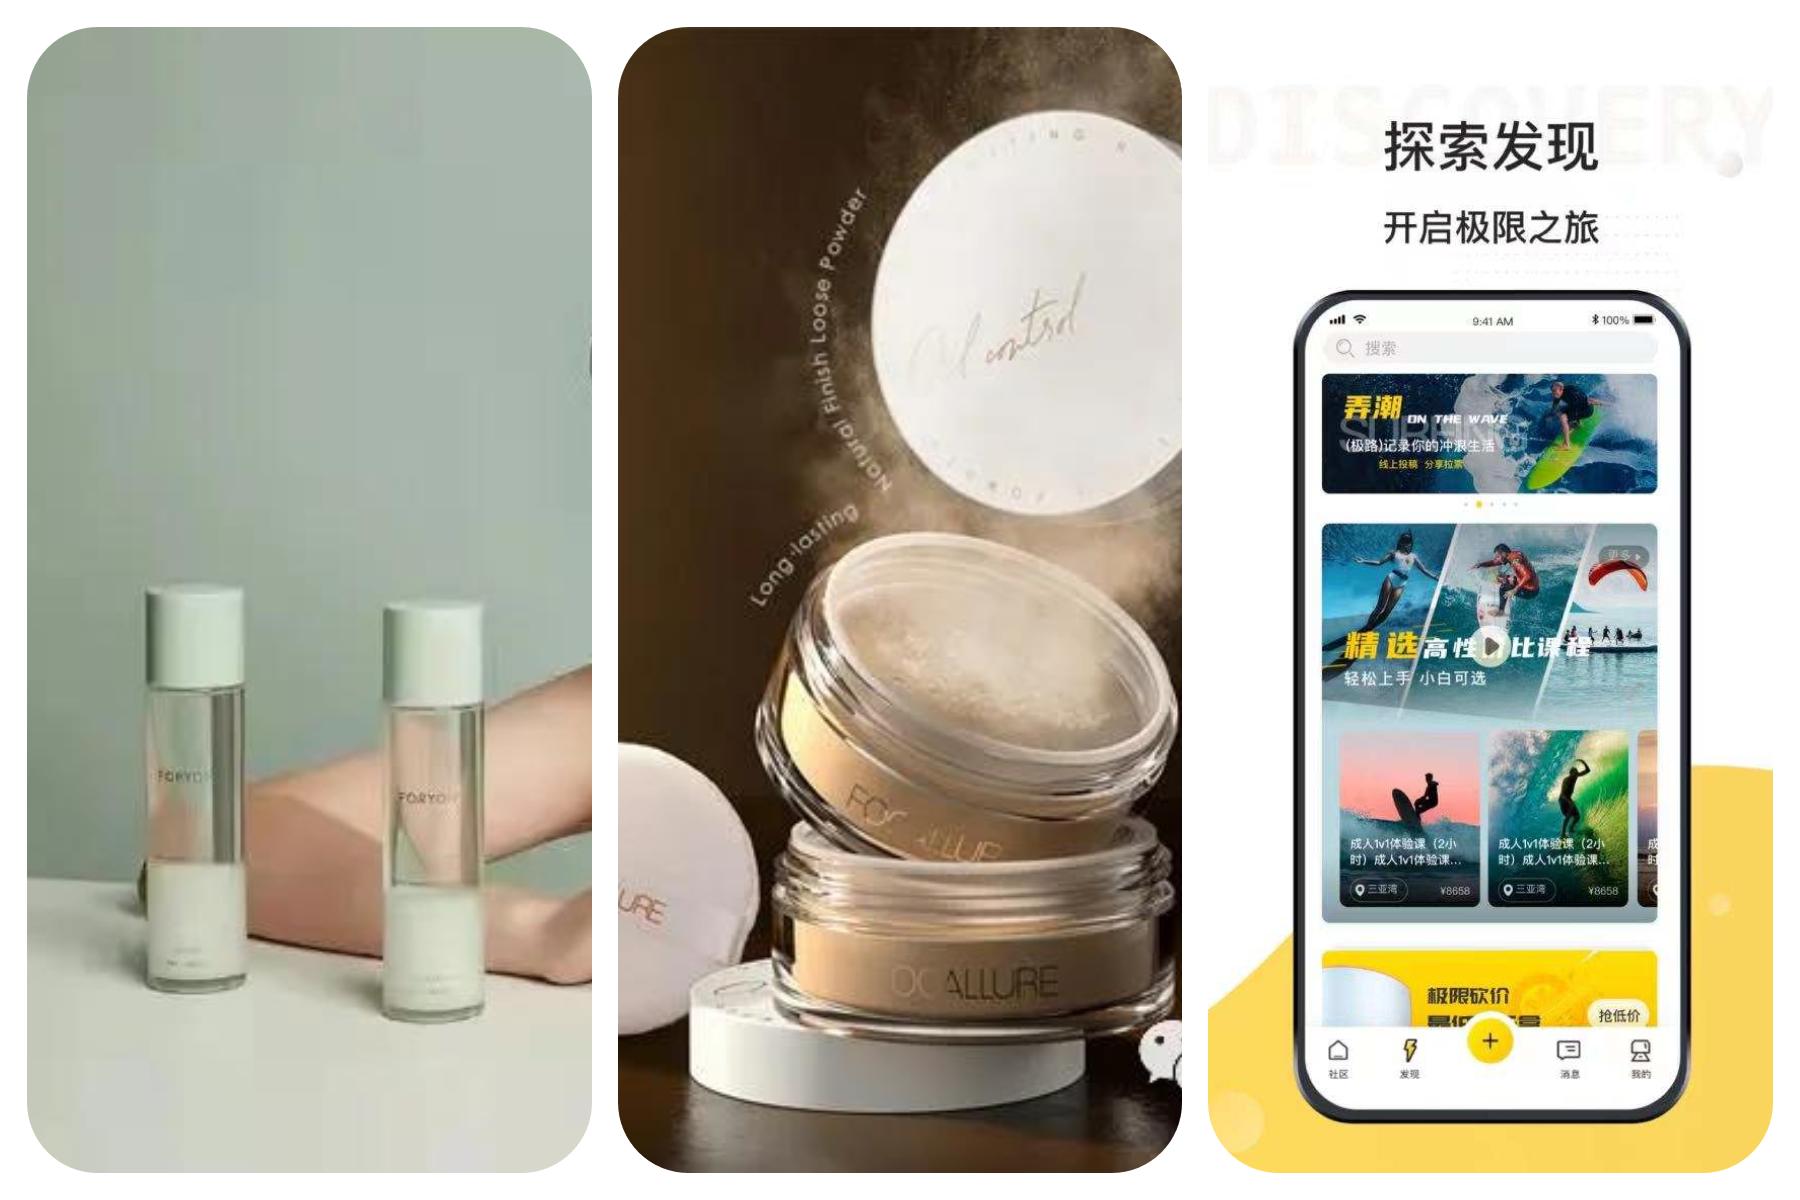 【华丽中国投资周报】2021年第35期:3家中国时尚消费企业完成新一轮融资